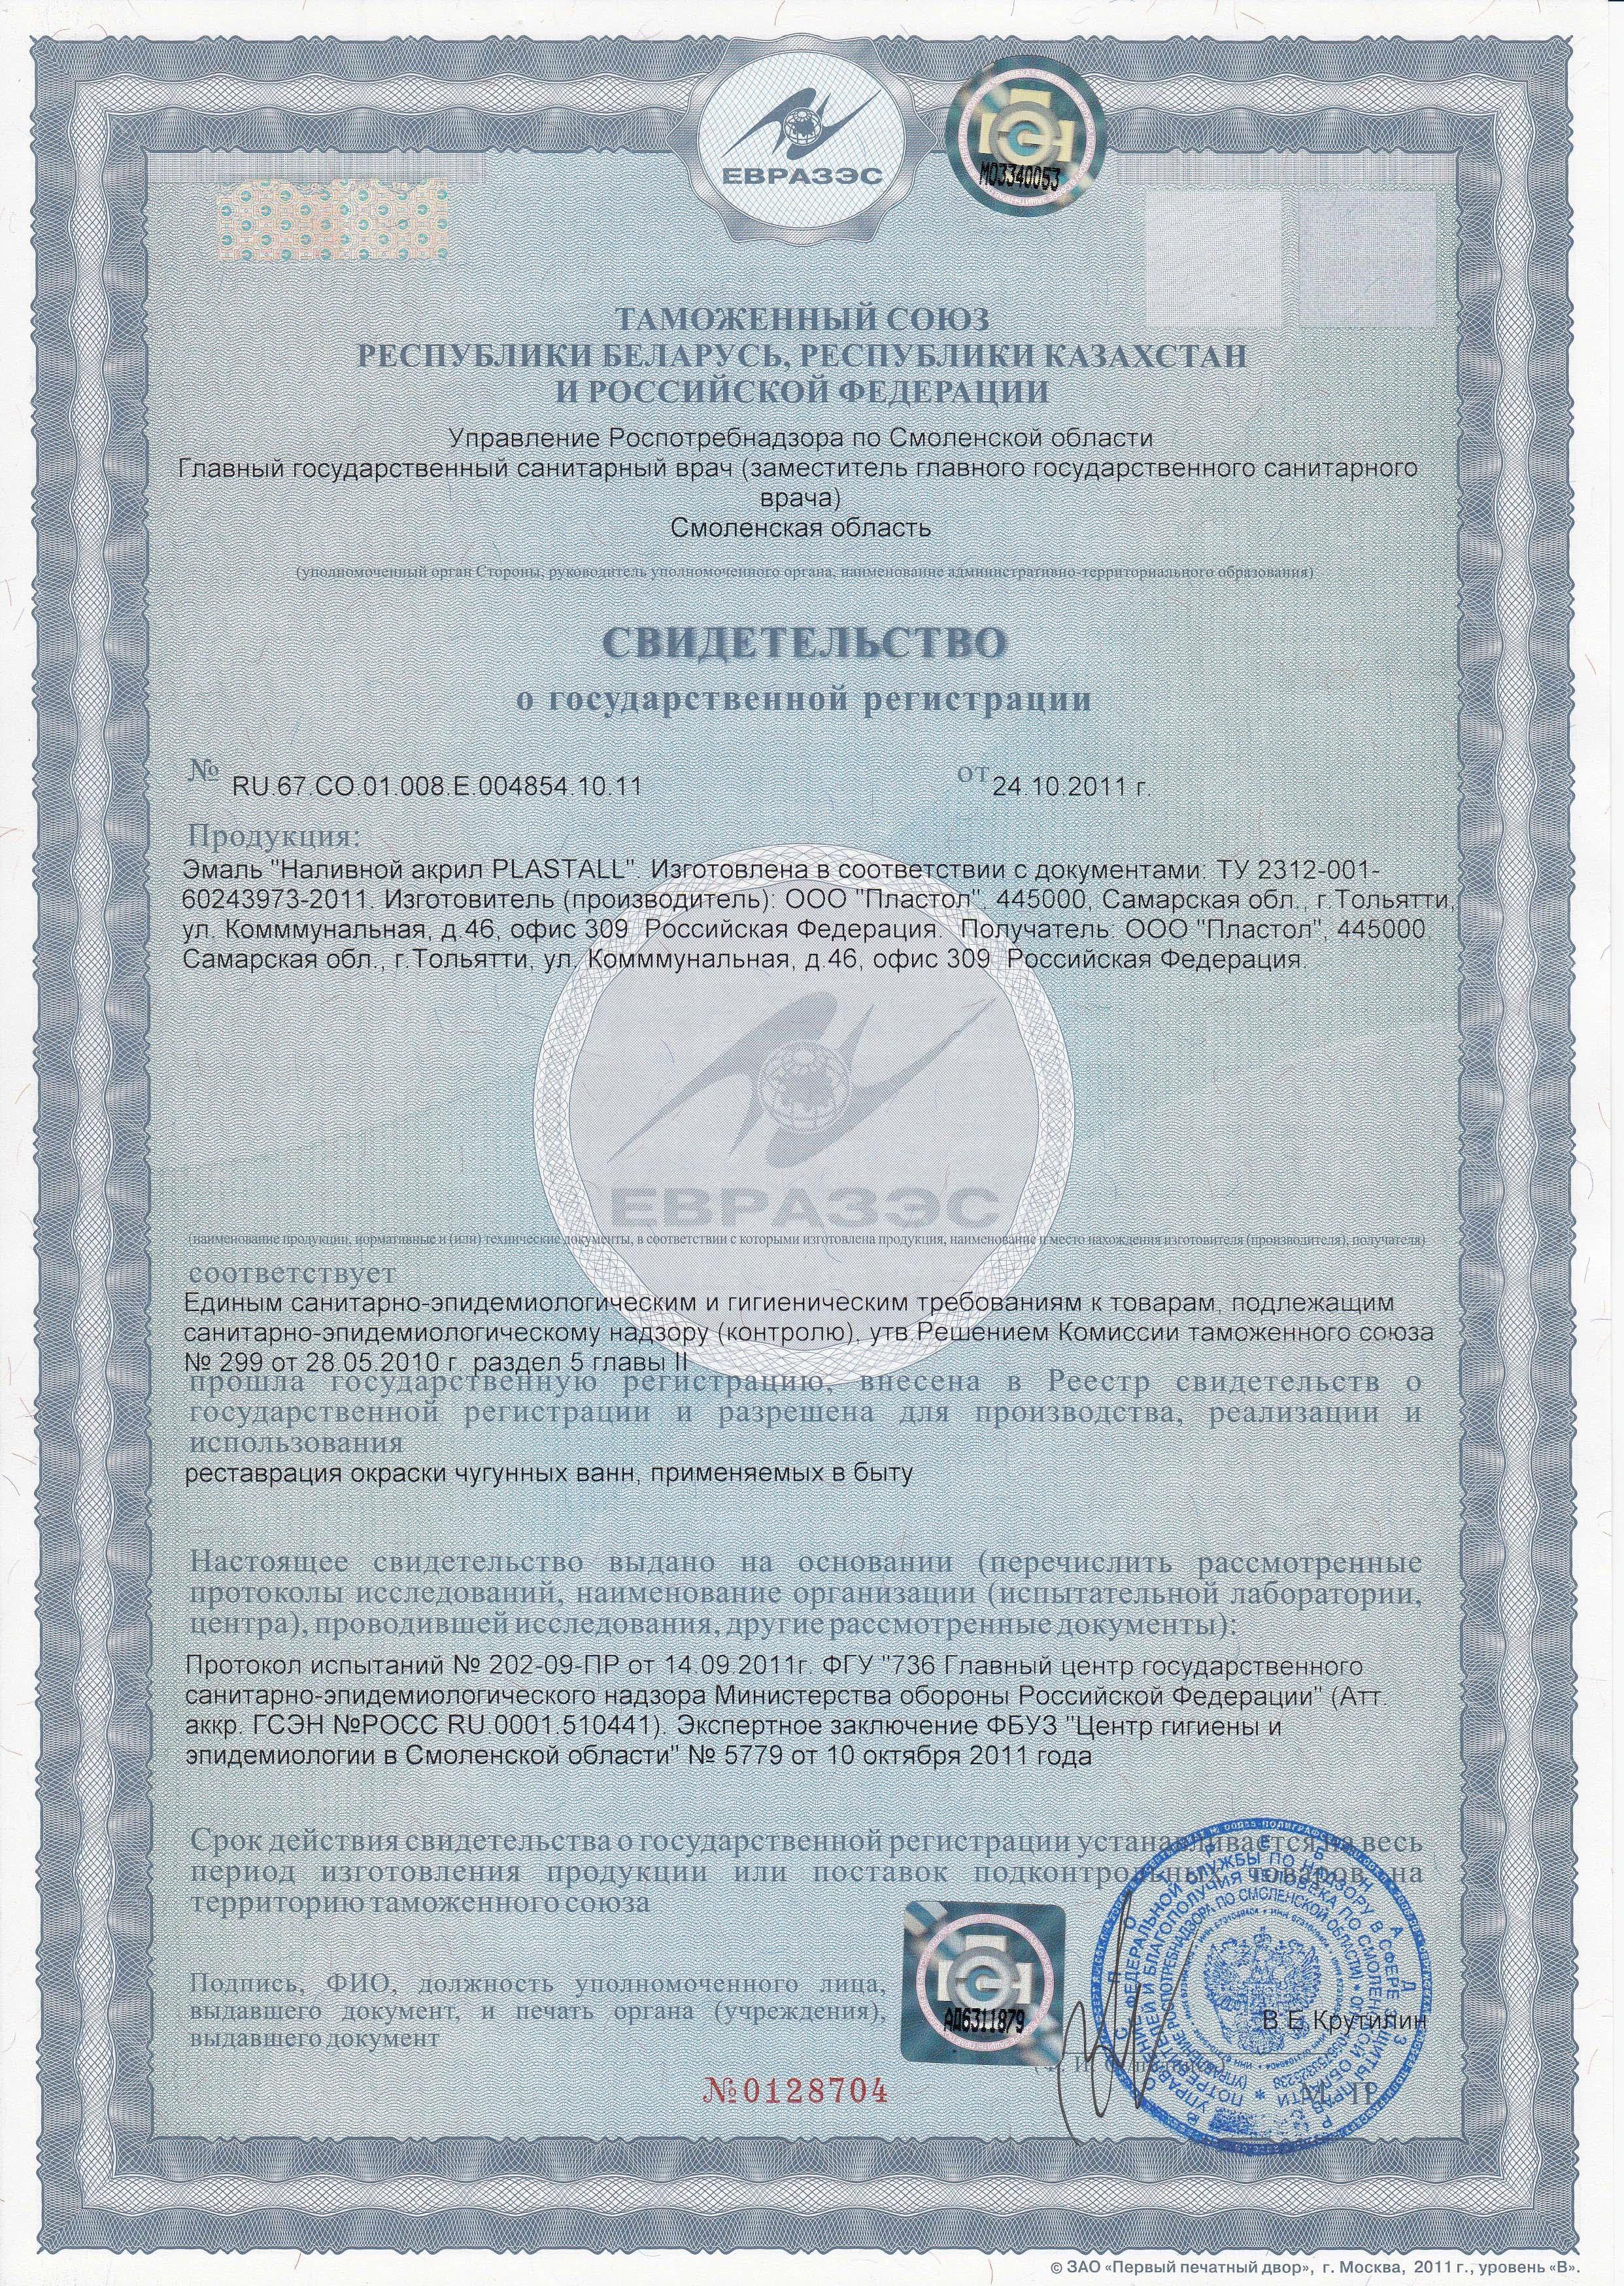 Сертификат на материал Пластолл